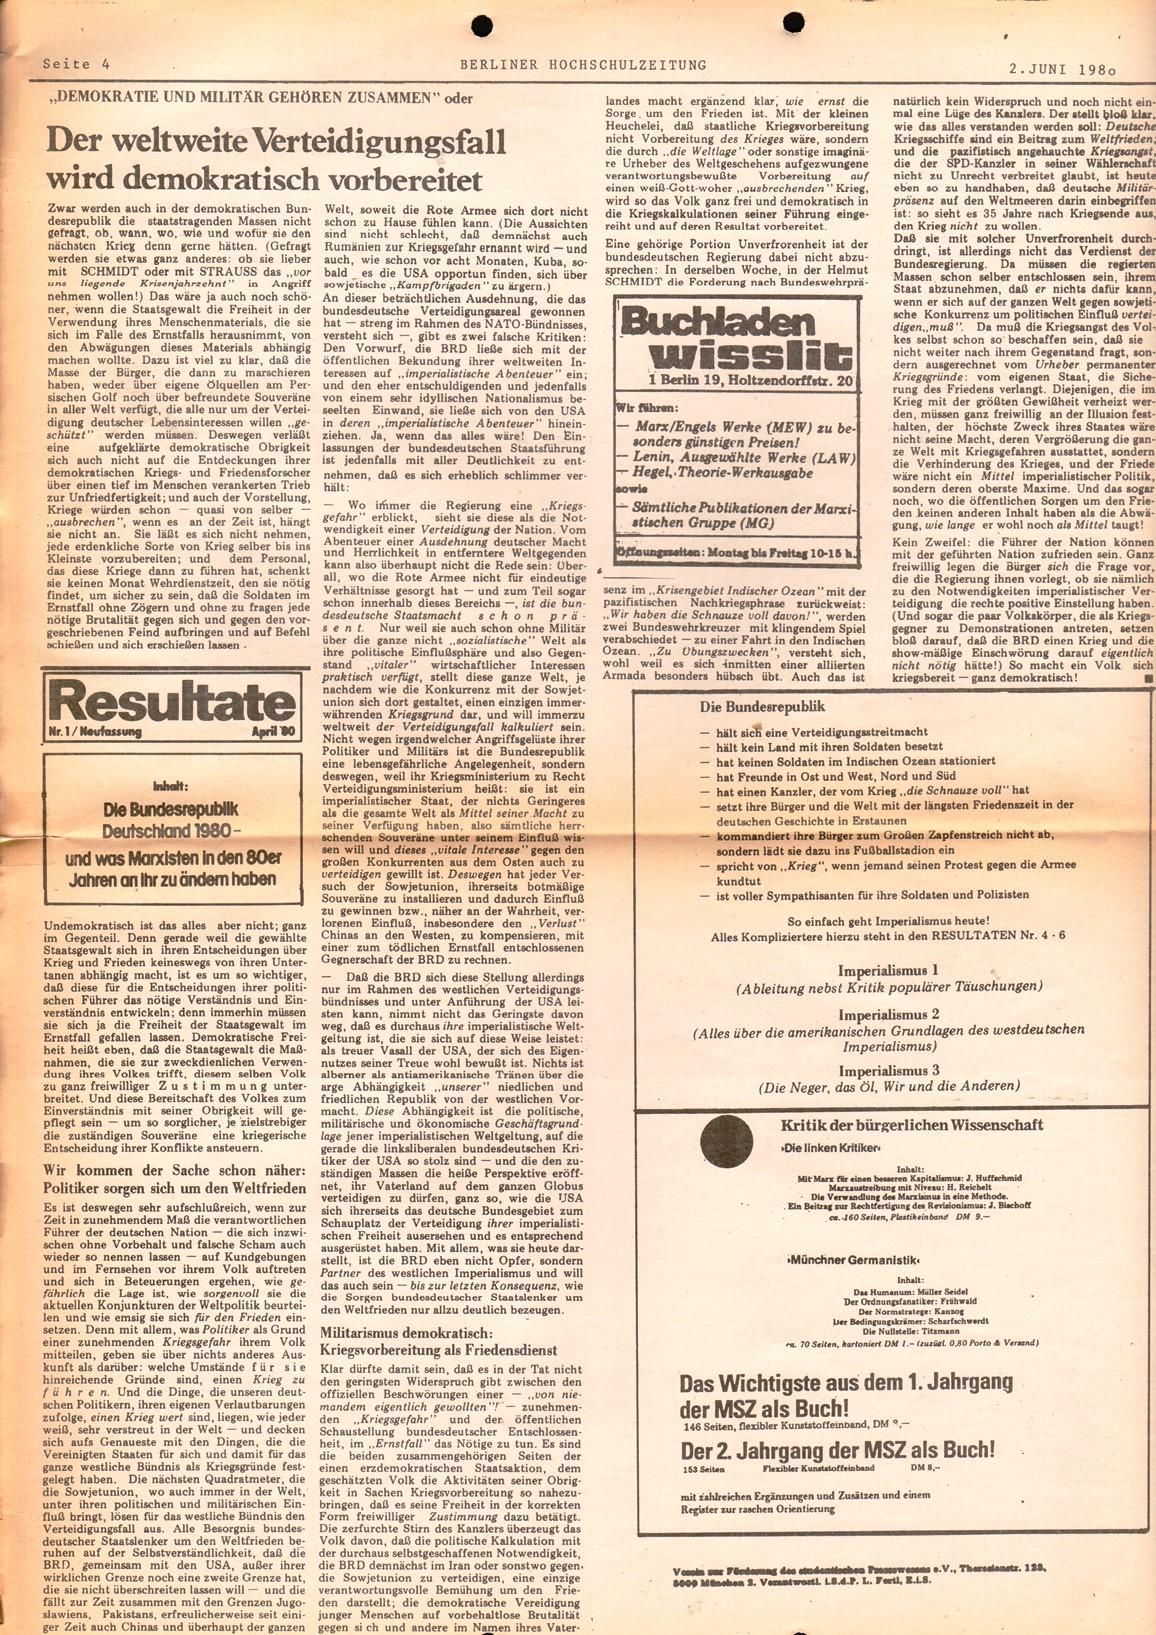 Berlin_MG_Hochschulzeitung_19800602_04